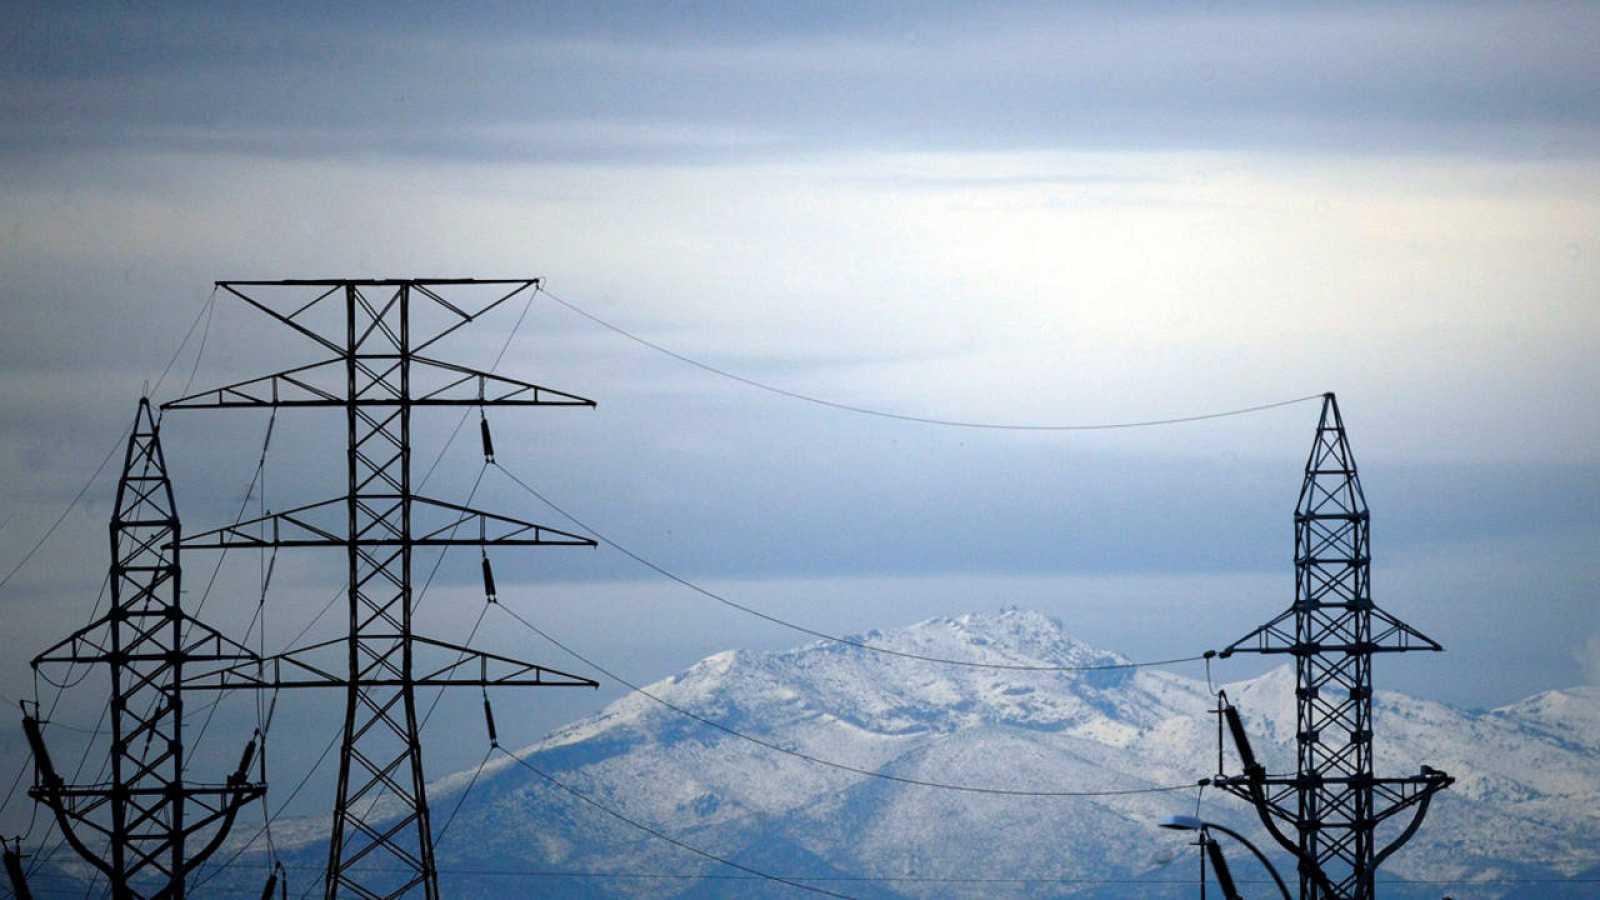 Torres de alta tensión se recortan contra las montañas nevadas que rodean la ciudad de Valencia